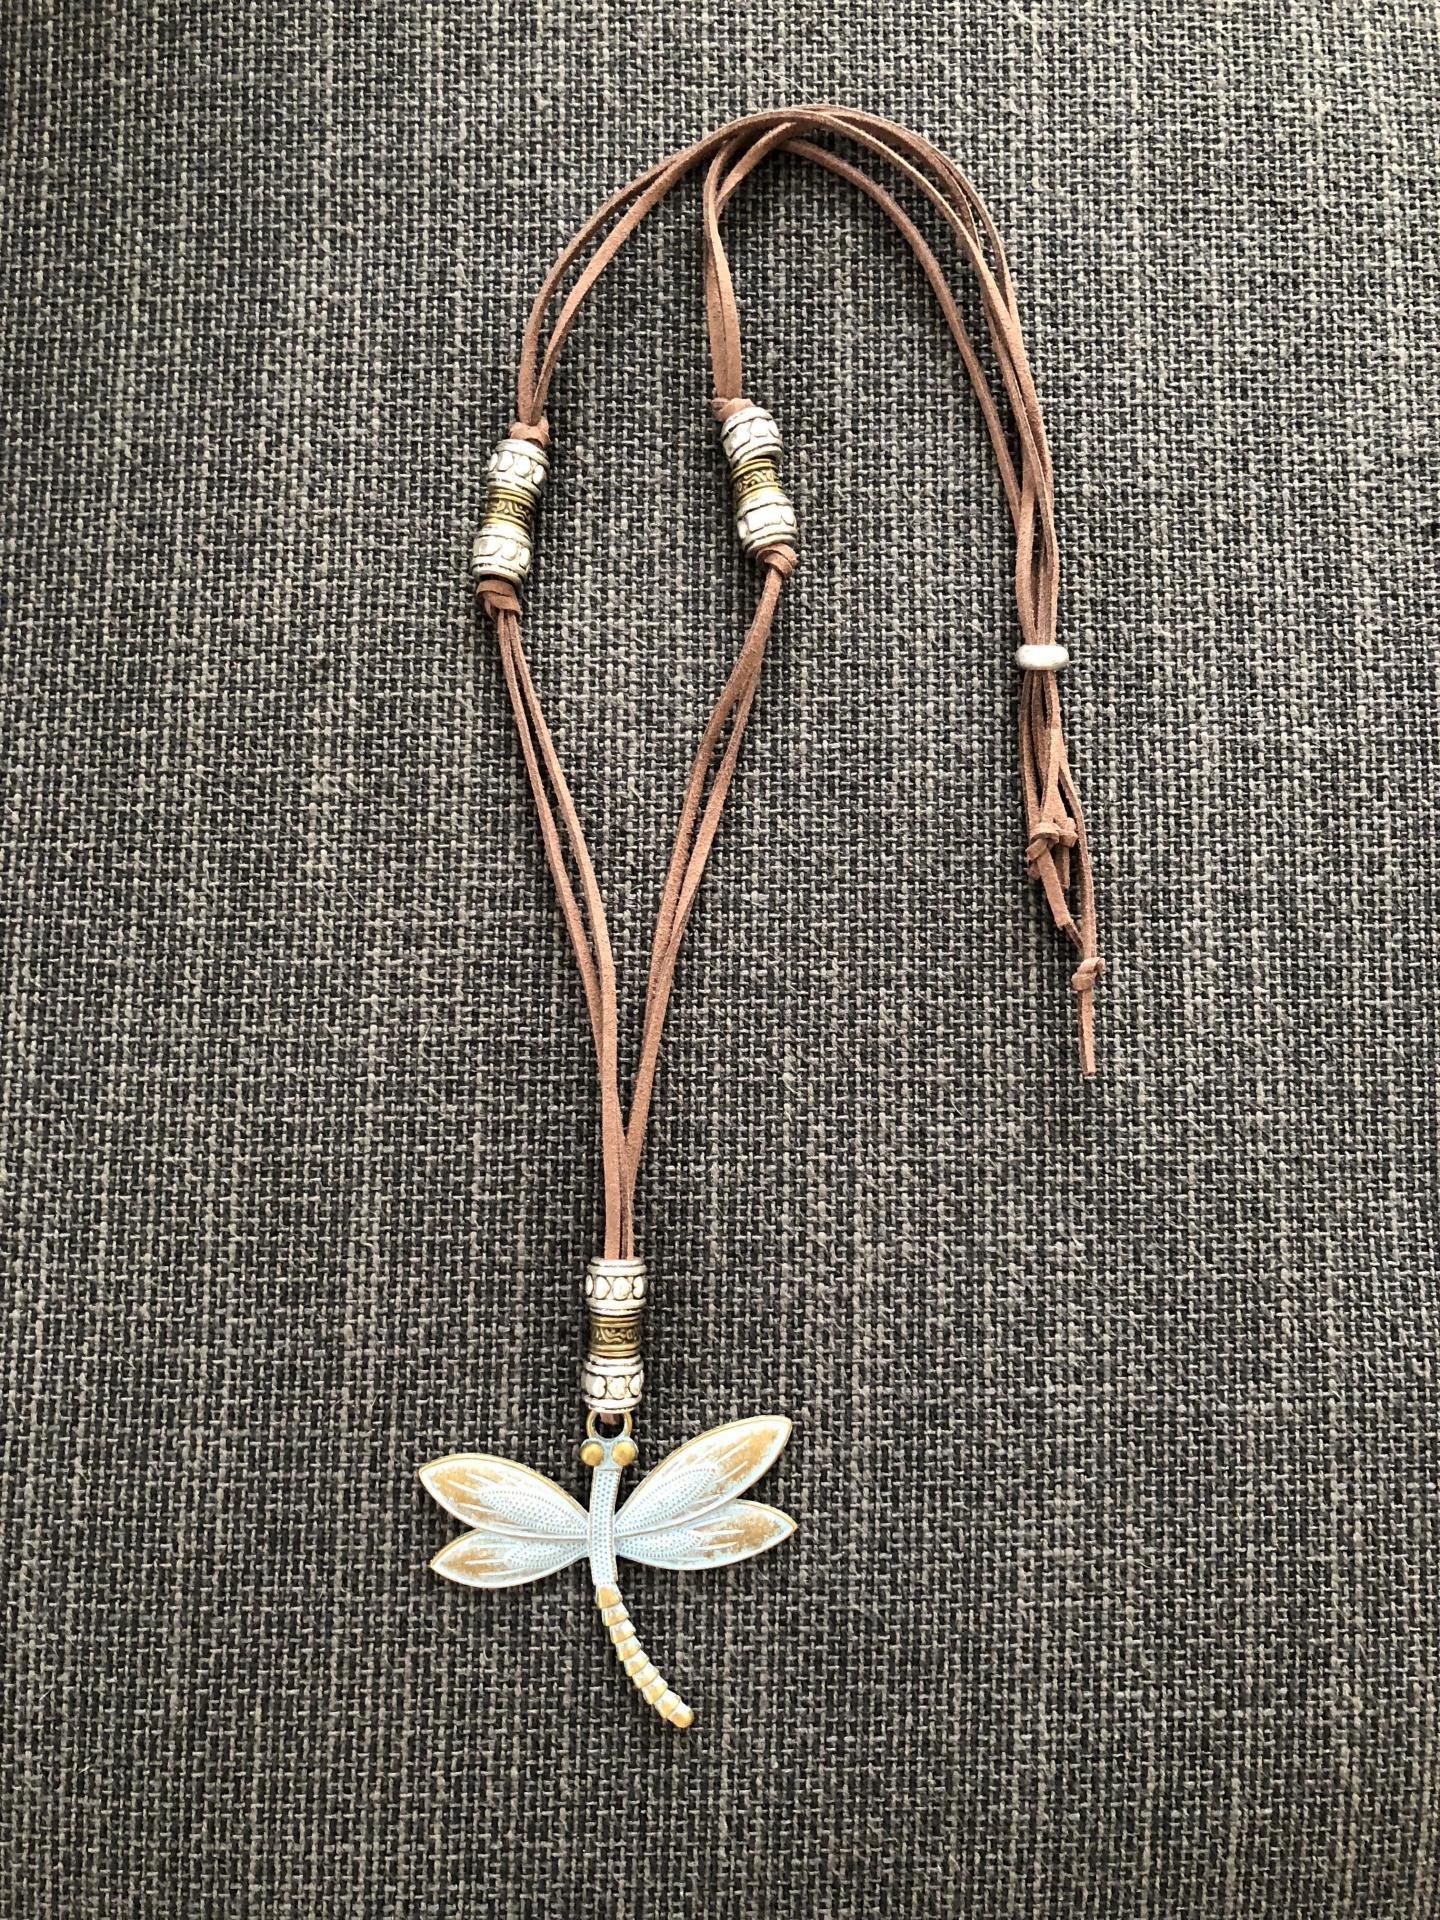 Collar libélula de latón oxidado